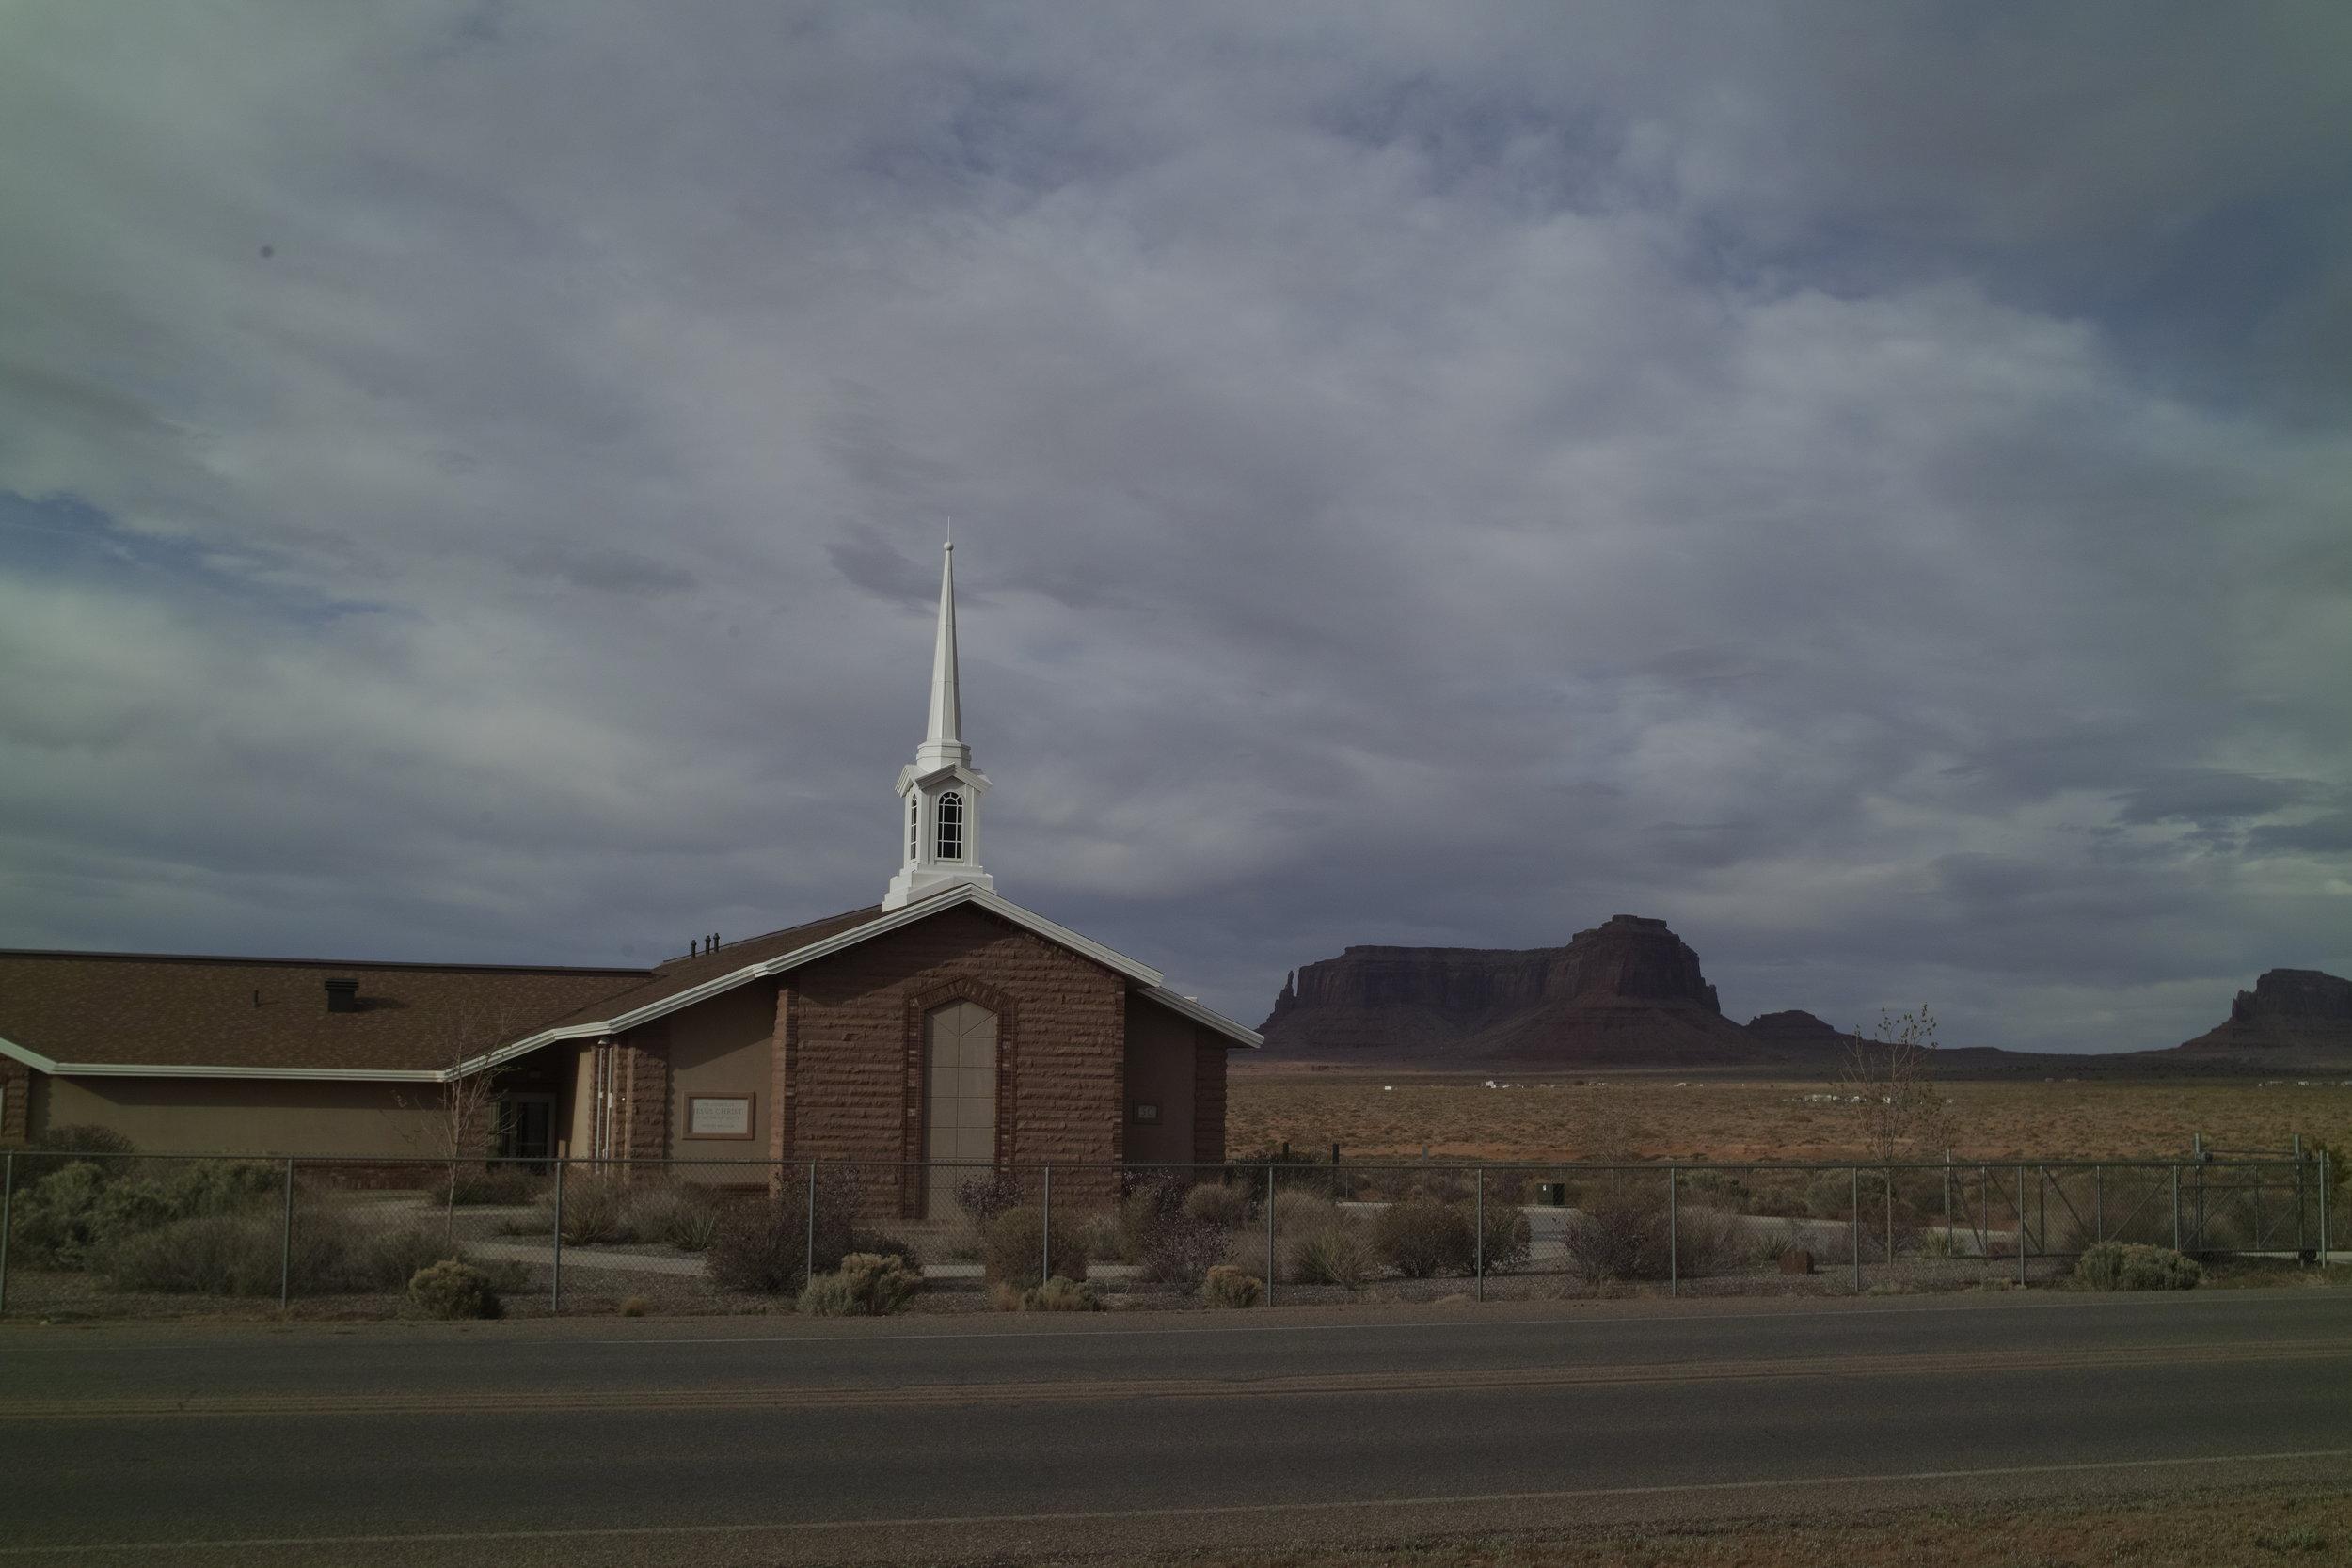 Les Mormons se sont installés dans le coin. C'est marrant des églises au milieu de nul part